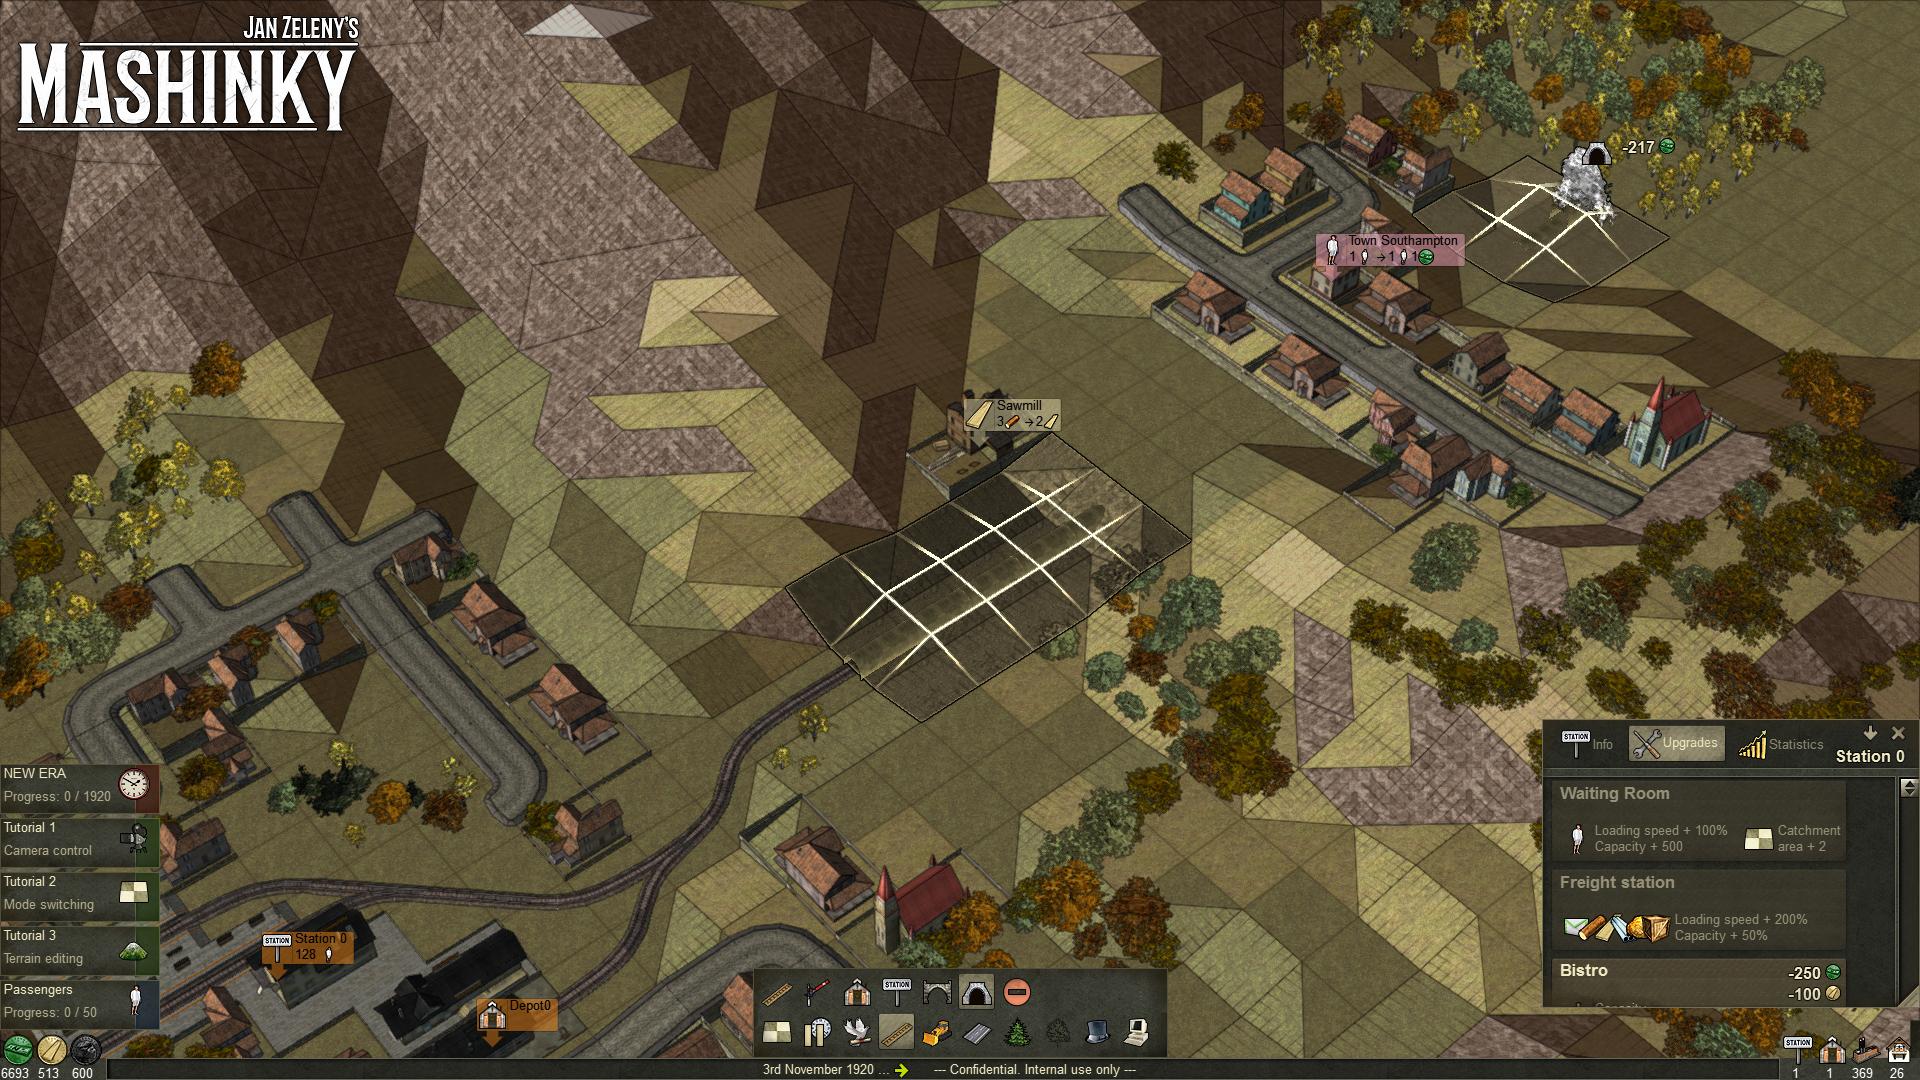 České Mashinky dorazí na Steam 6. října 149600